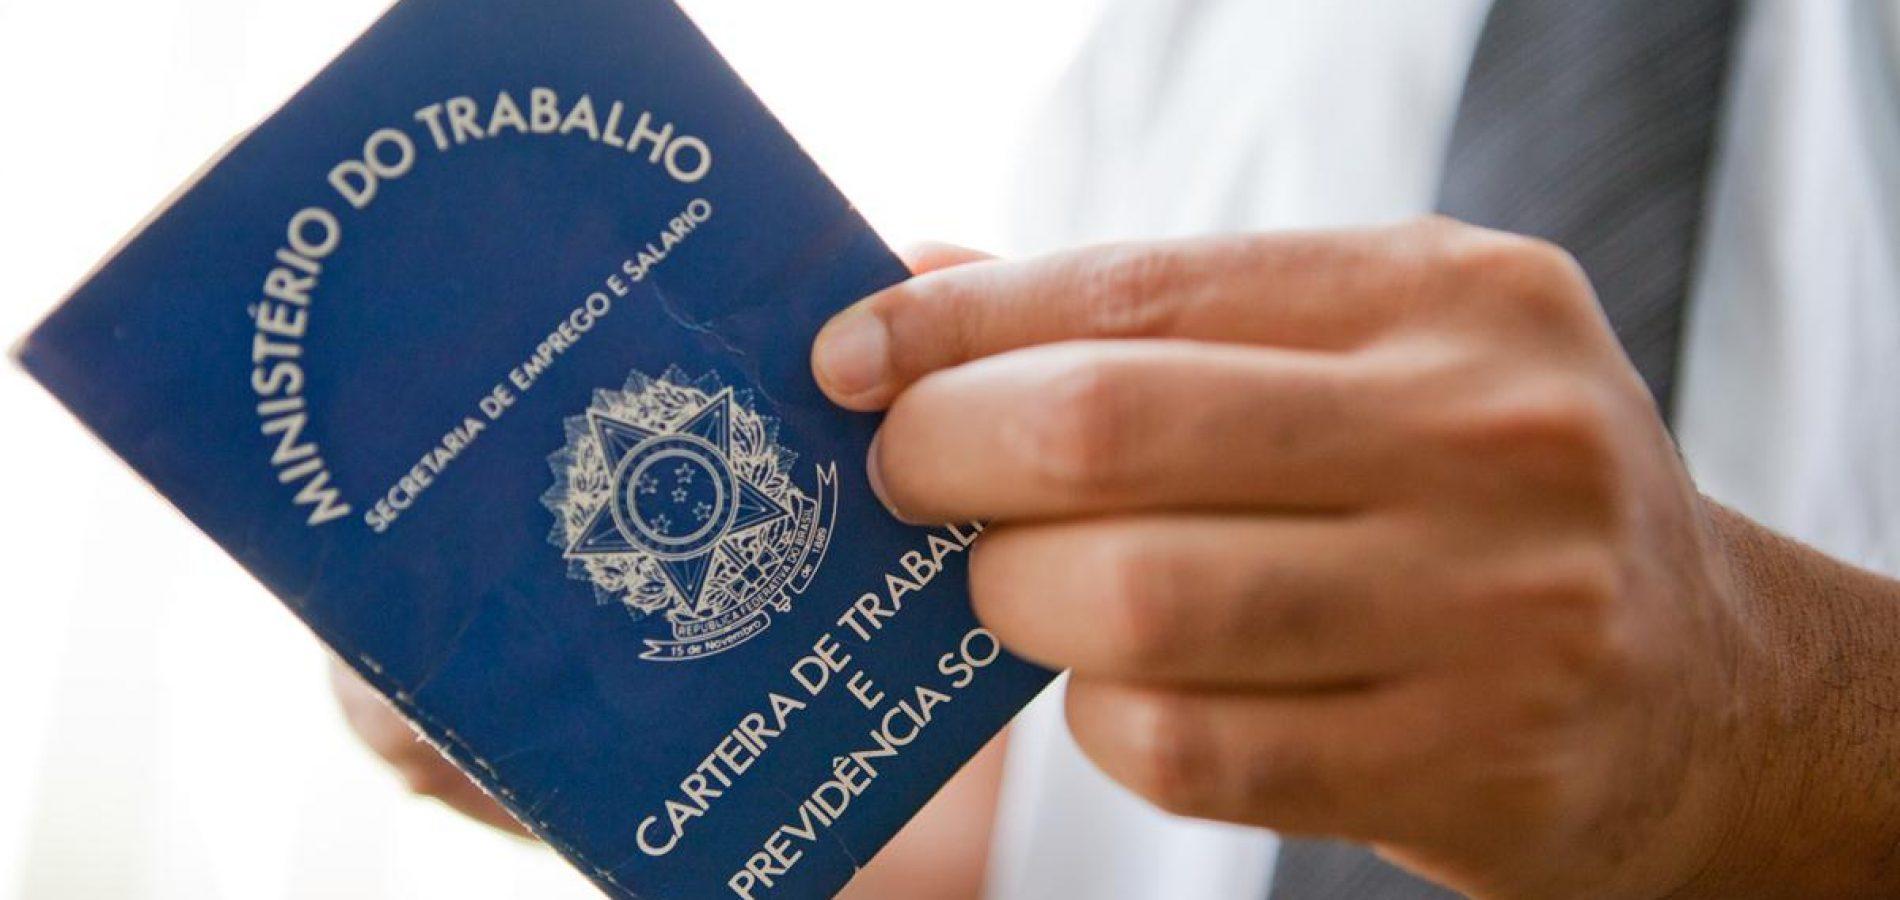 Piauí foi o Estado que mais gerou emprego nos últimos 12 meses